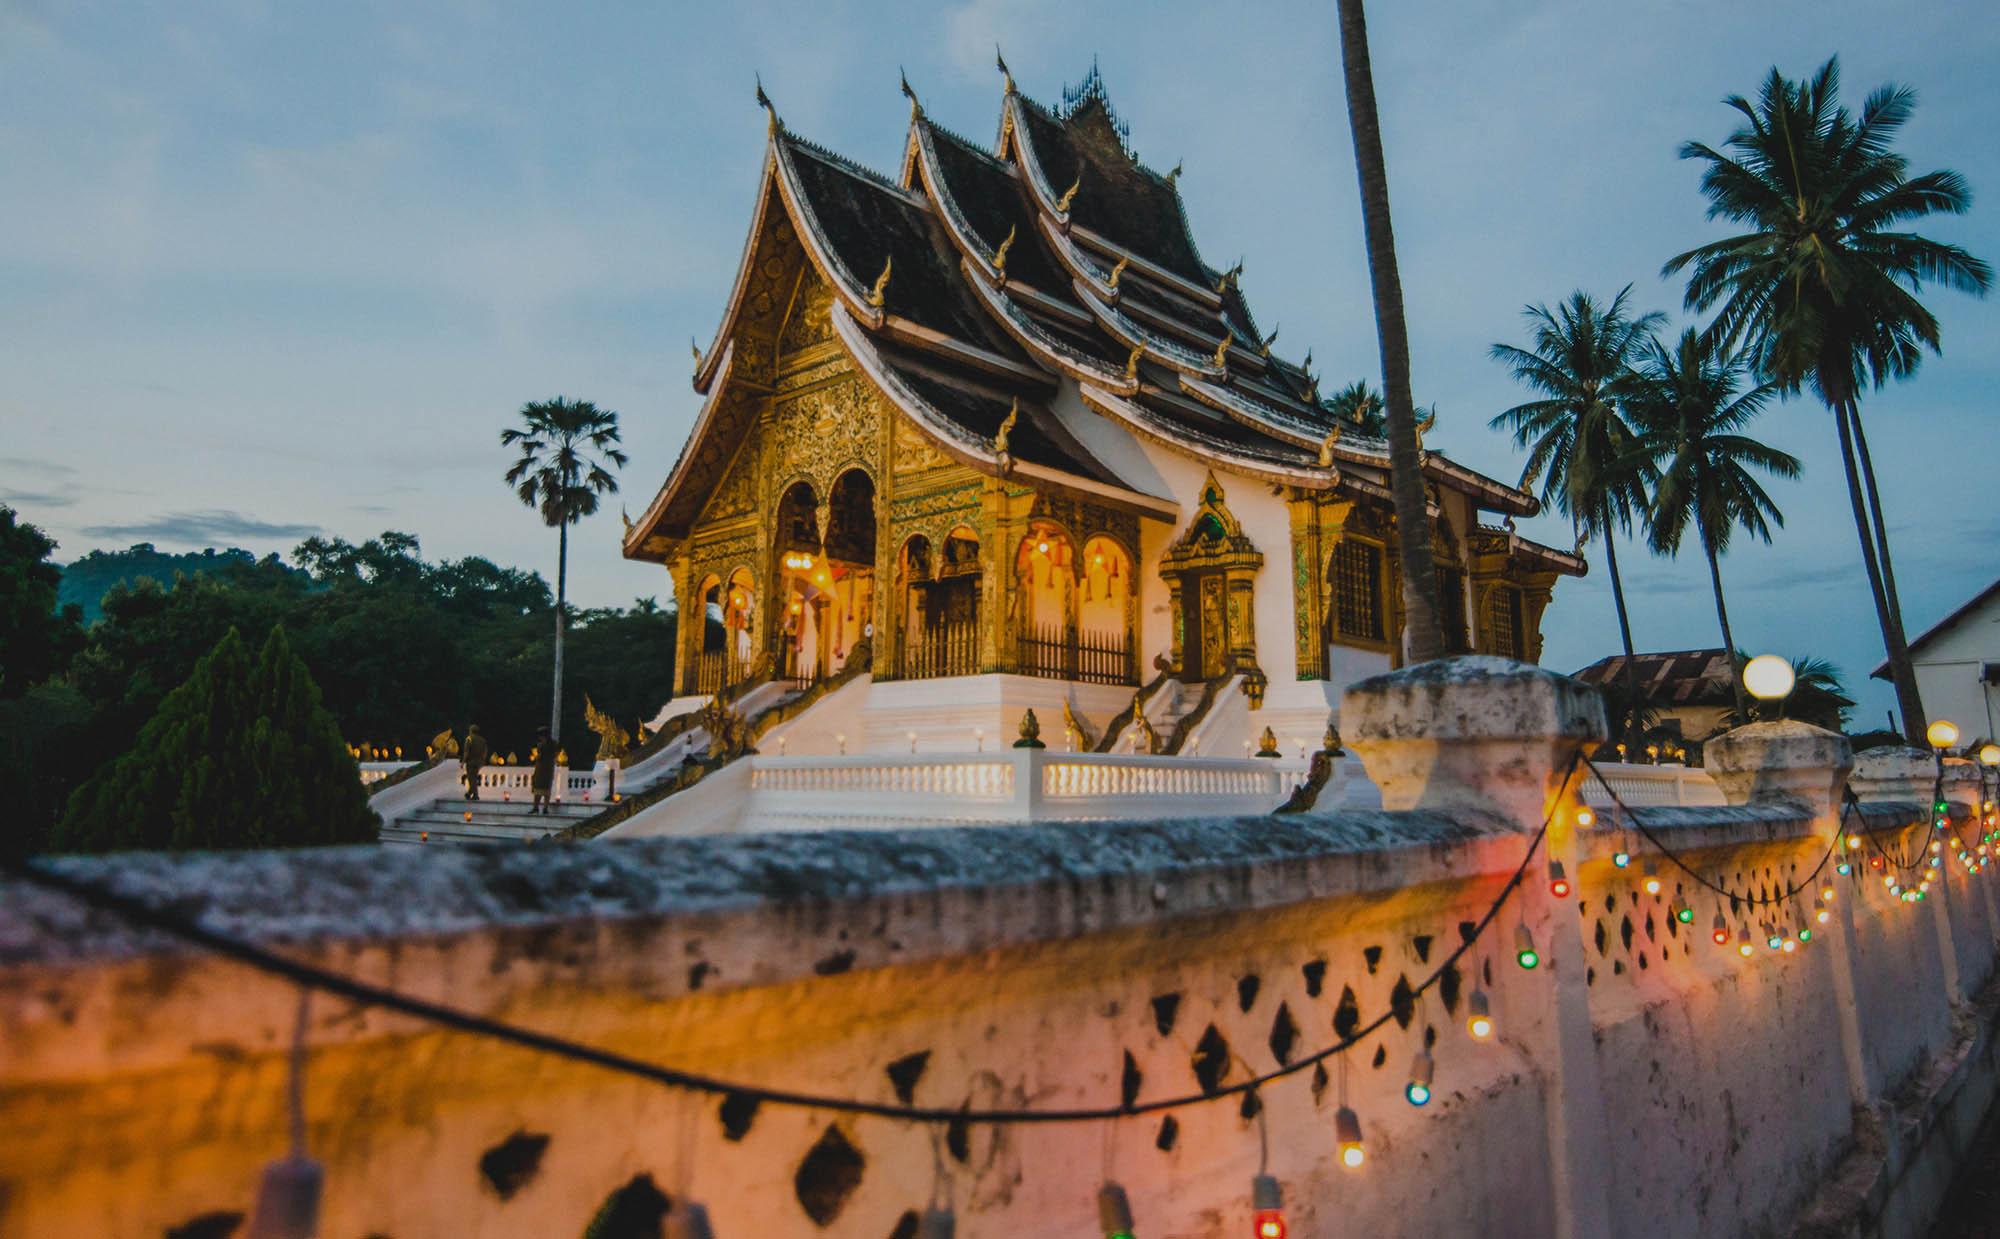 Voyage au Laos à Luang Prabang